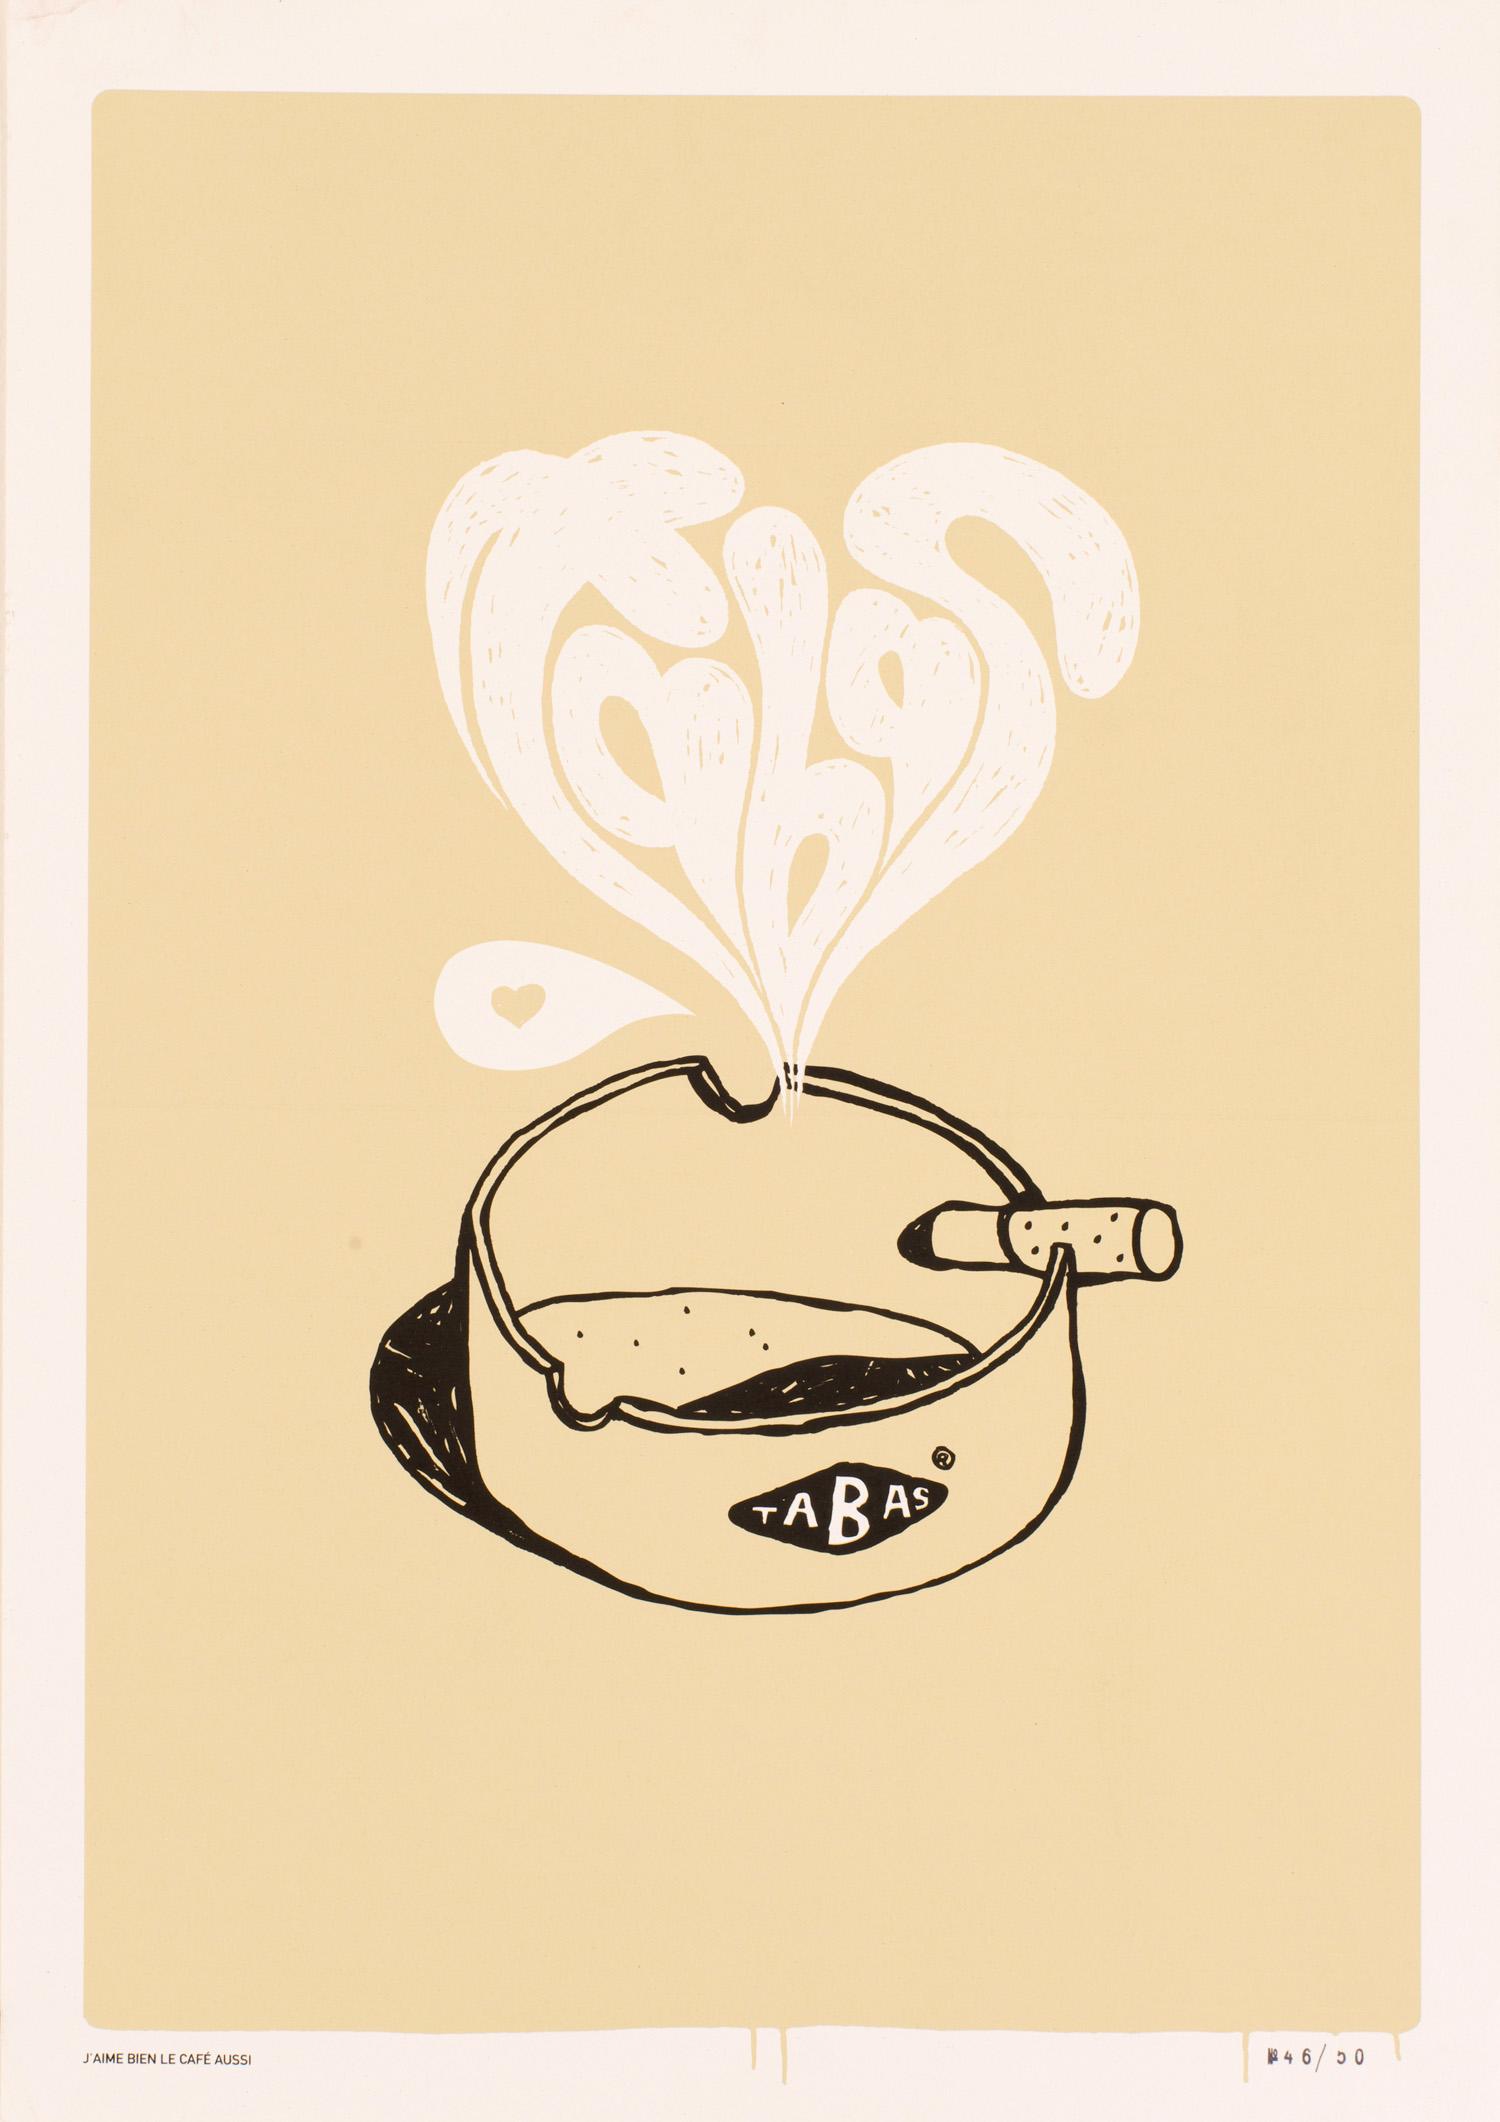 Tabas | Tabas | J'aime bien le café aussi